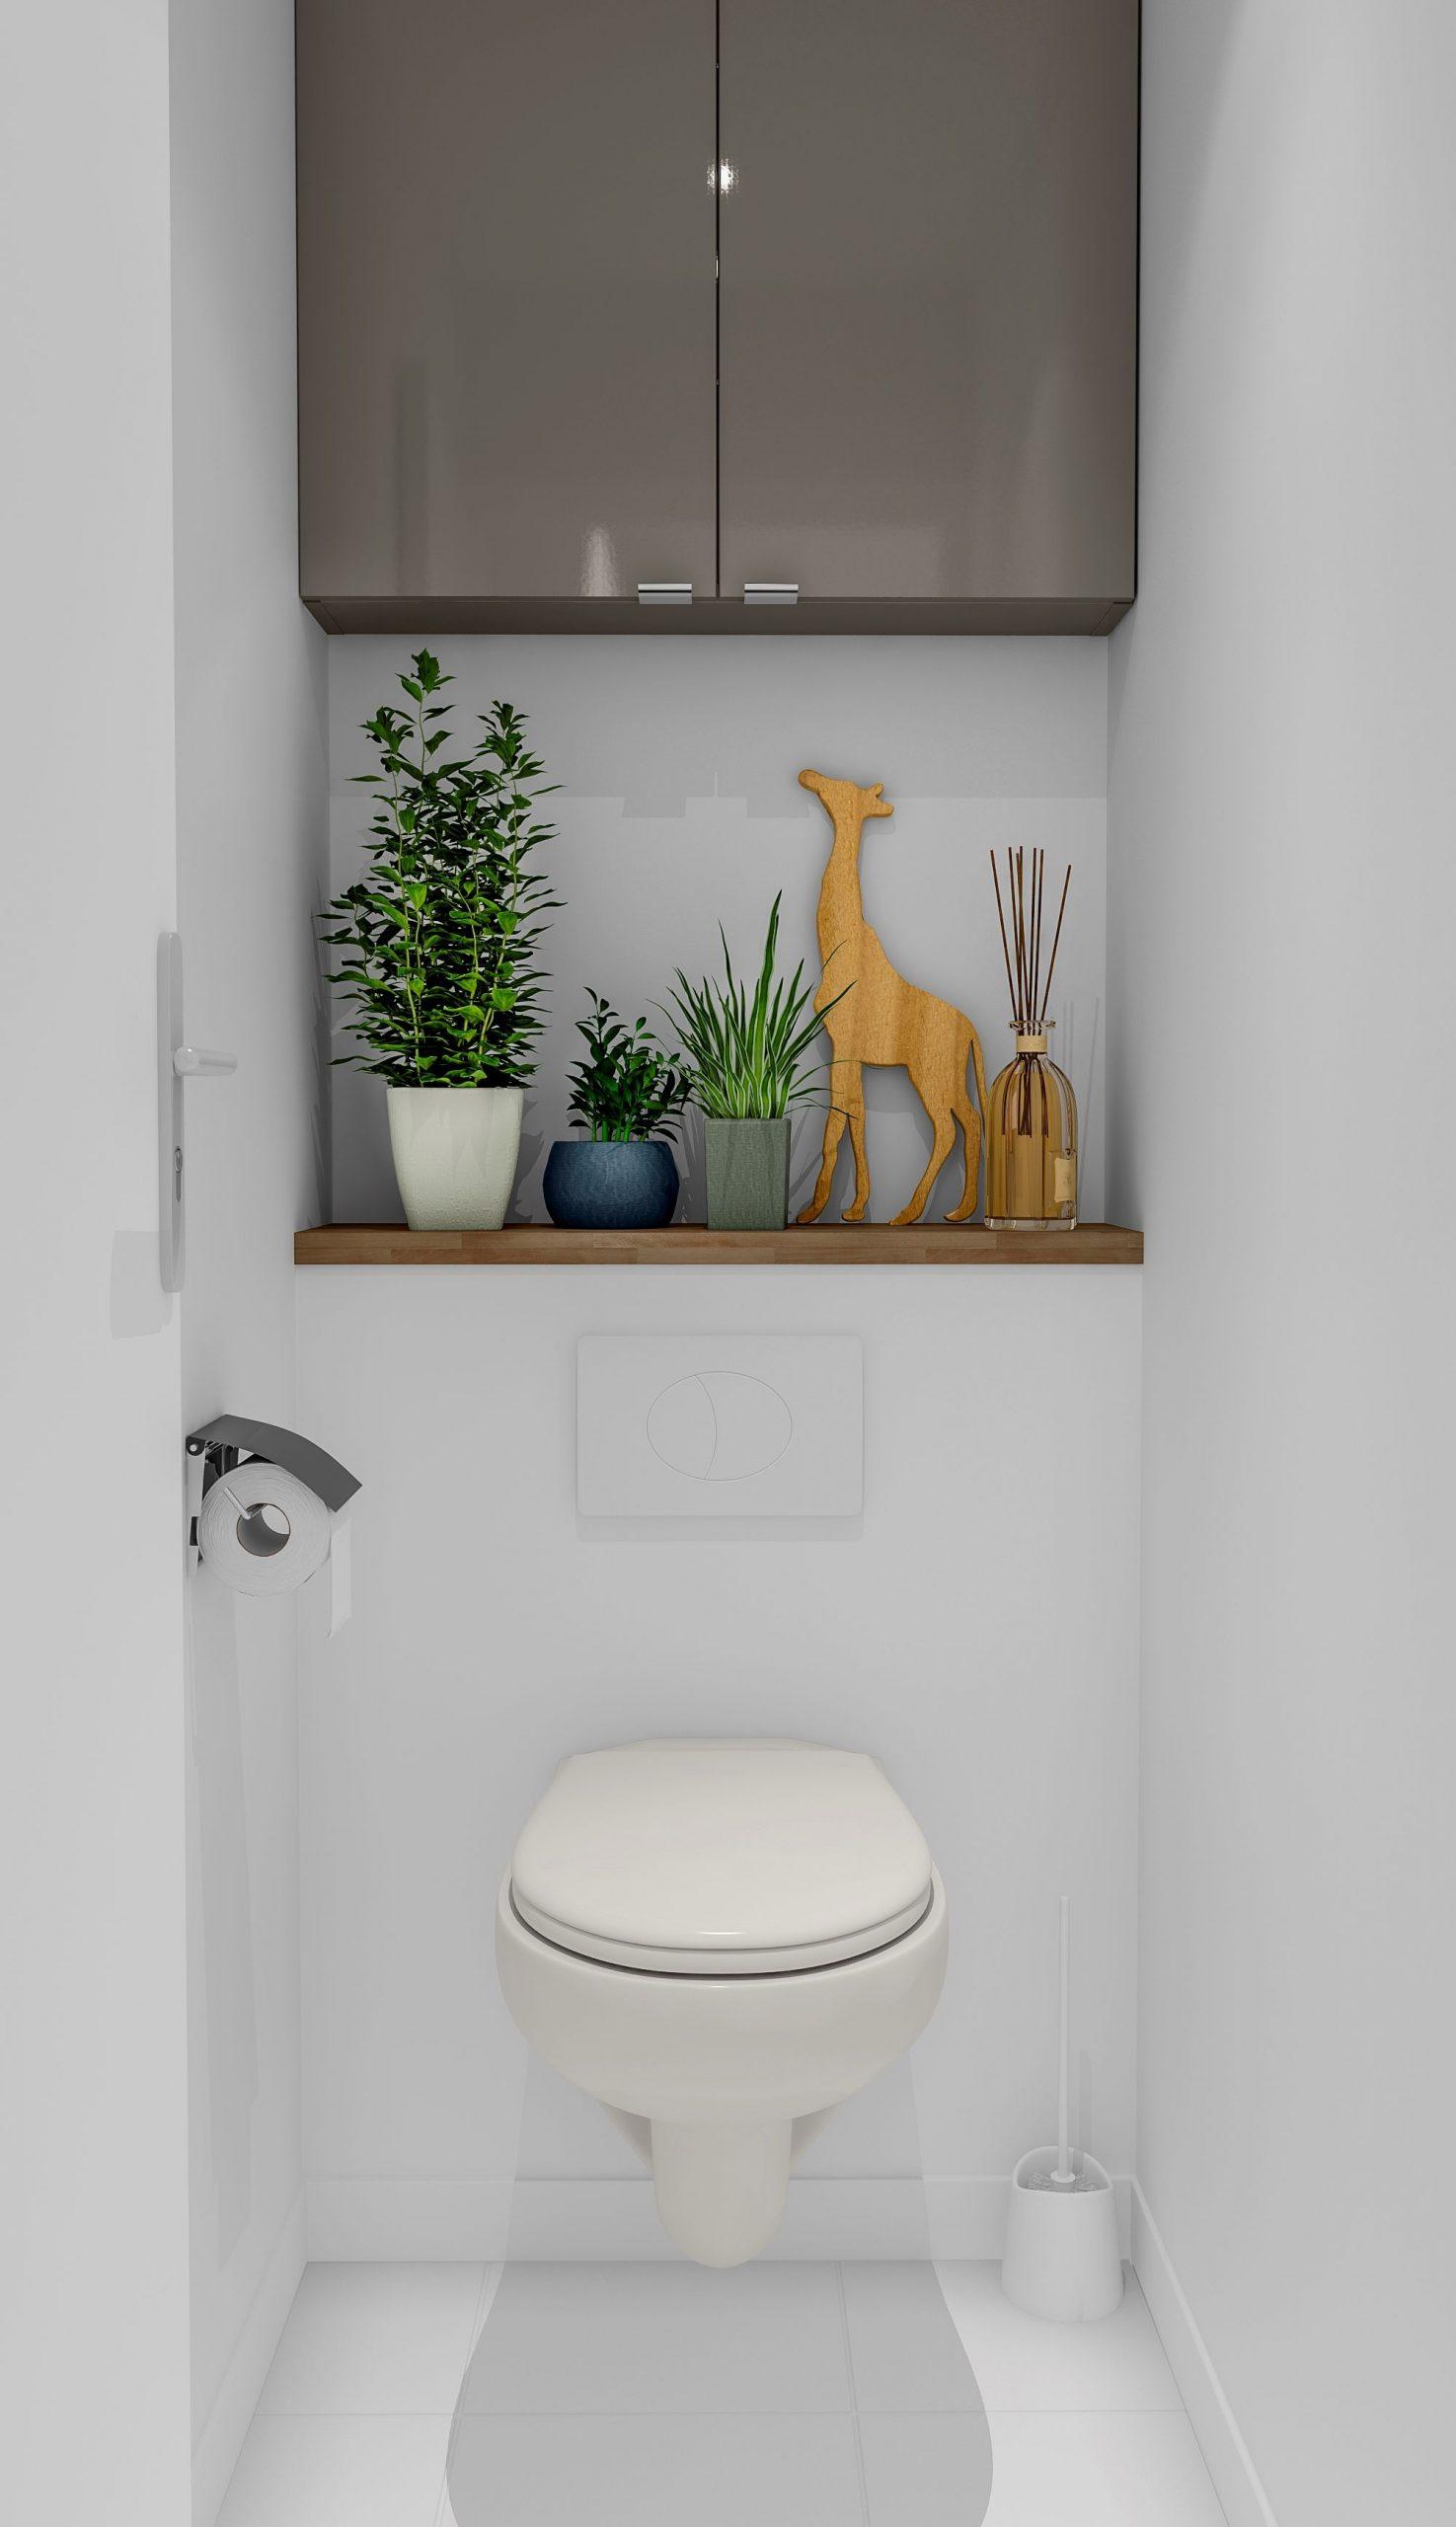 Installez Des Toilettes Separes Dans La Salle De Bains En Destine Accessoires Wc Castorama Agencecormierdelauniere Com Agencecormierdelauniere Com